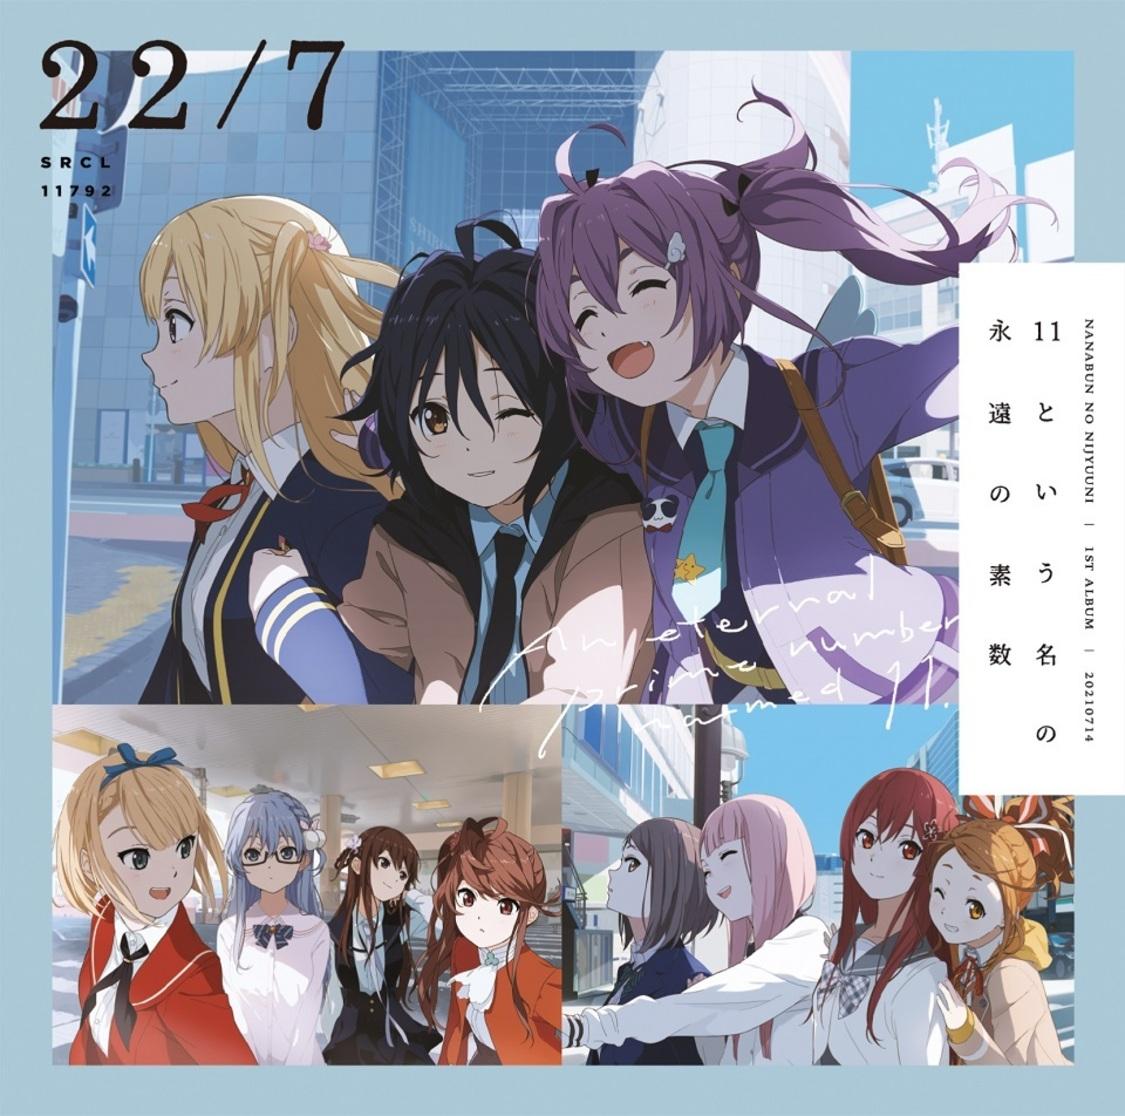 1stアルバム『11という名の永遠の素数』通常盤ジャケット(©22/7 PROJECT)